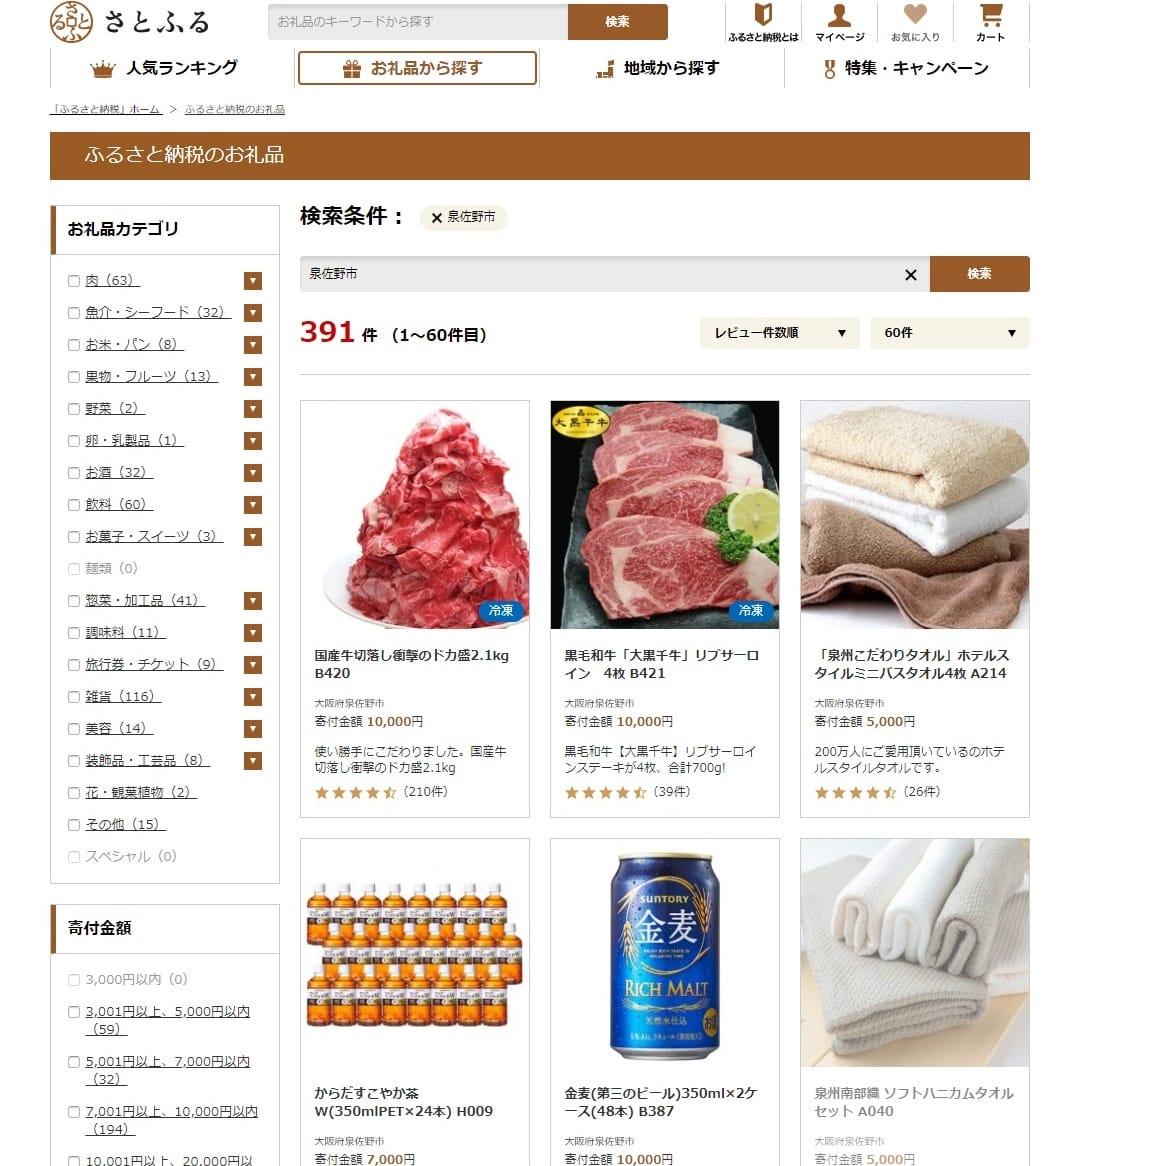 ふるさと納税サイト「さとふる」泉佐野市で検索